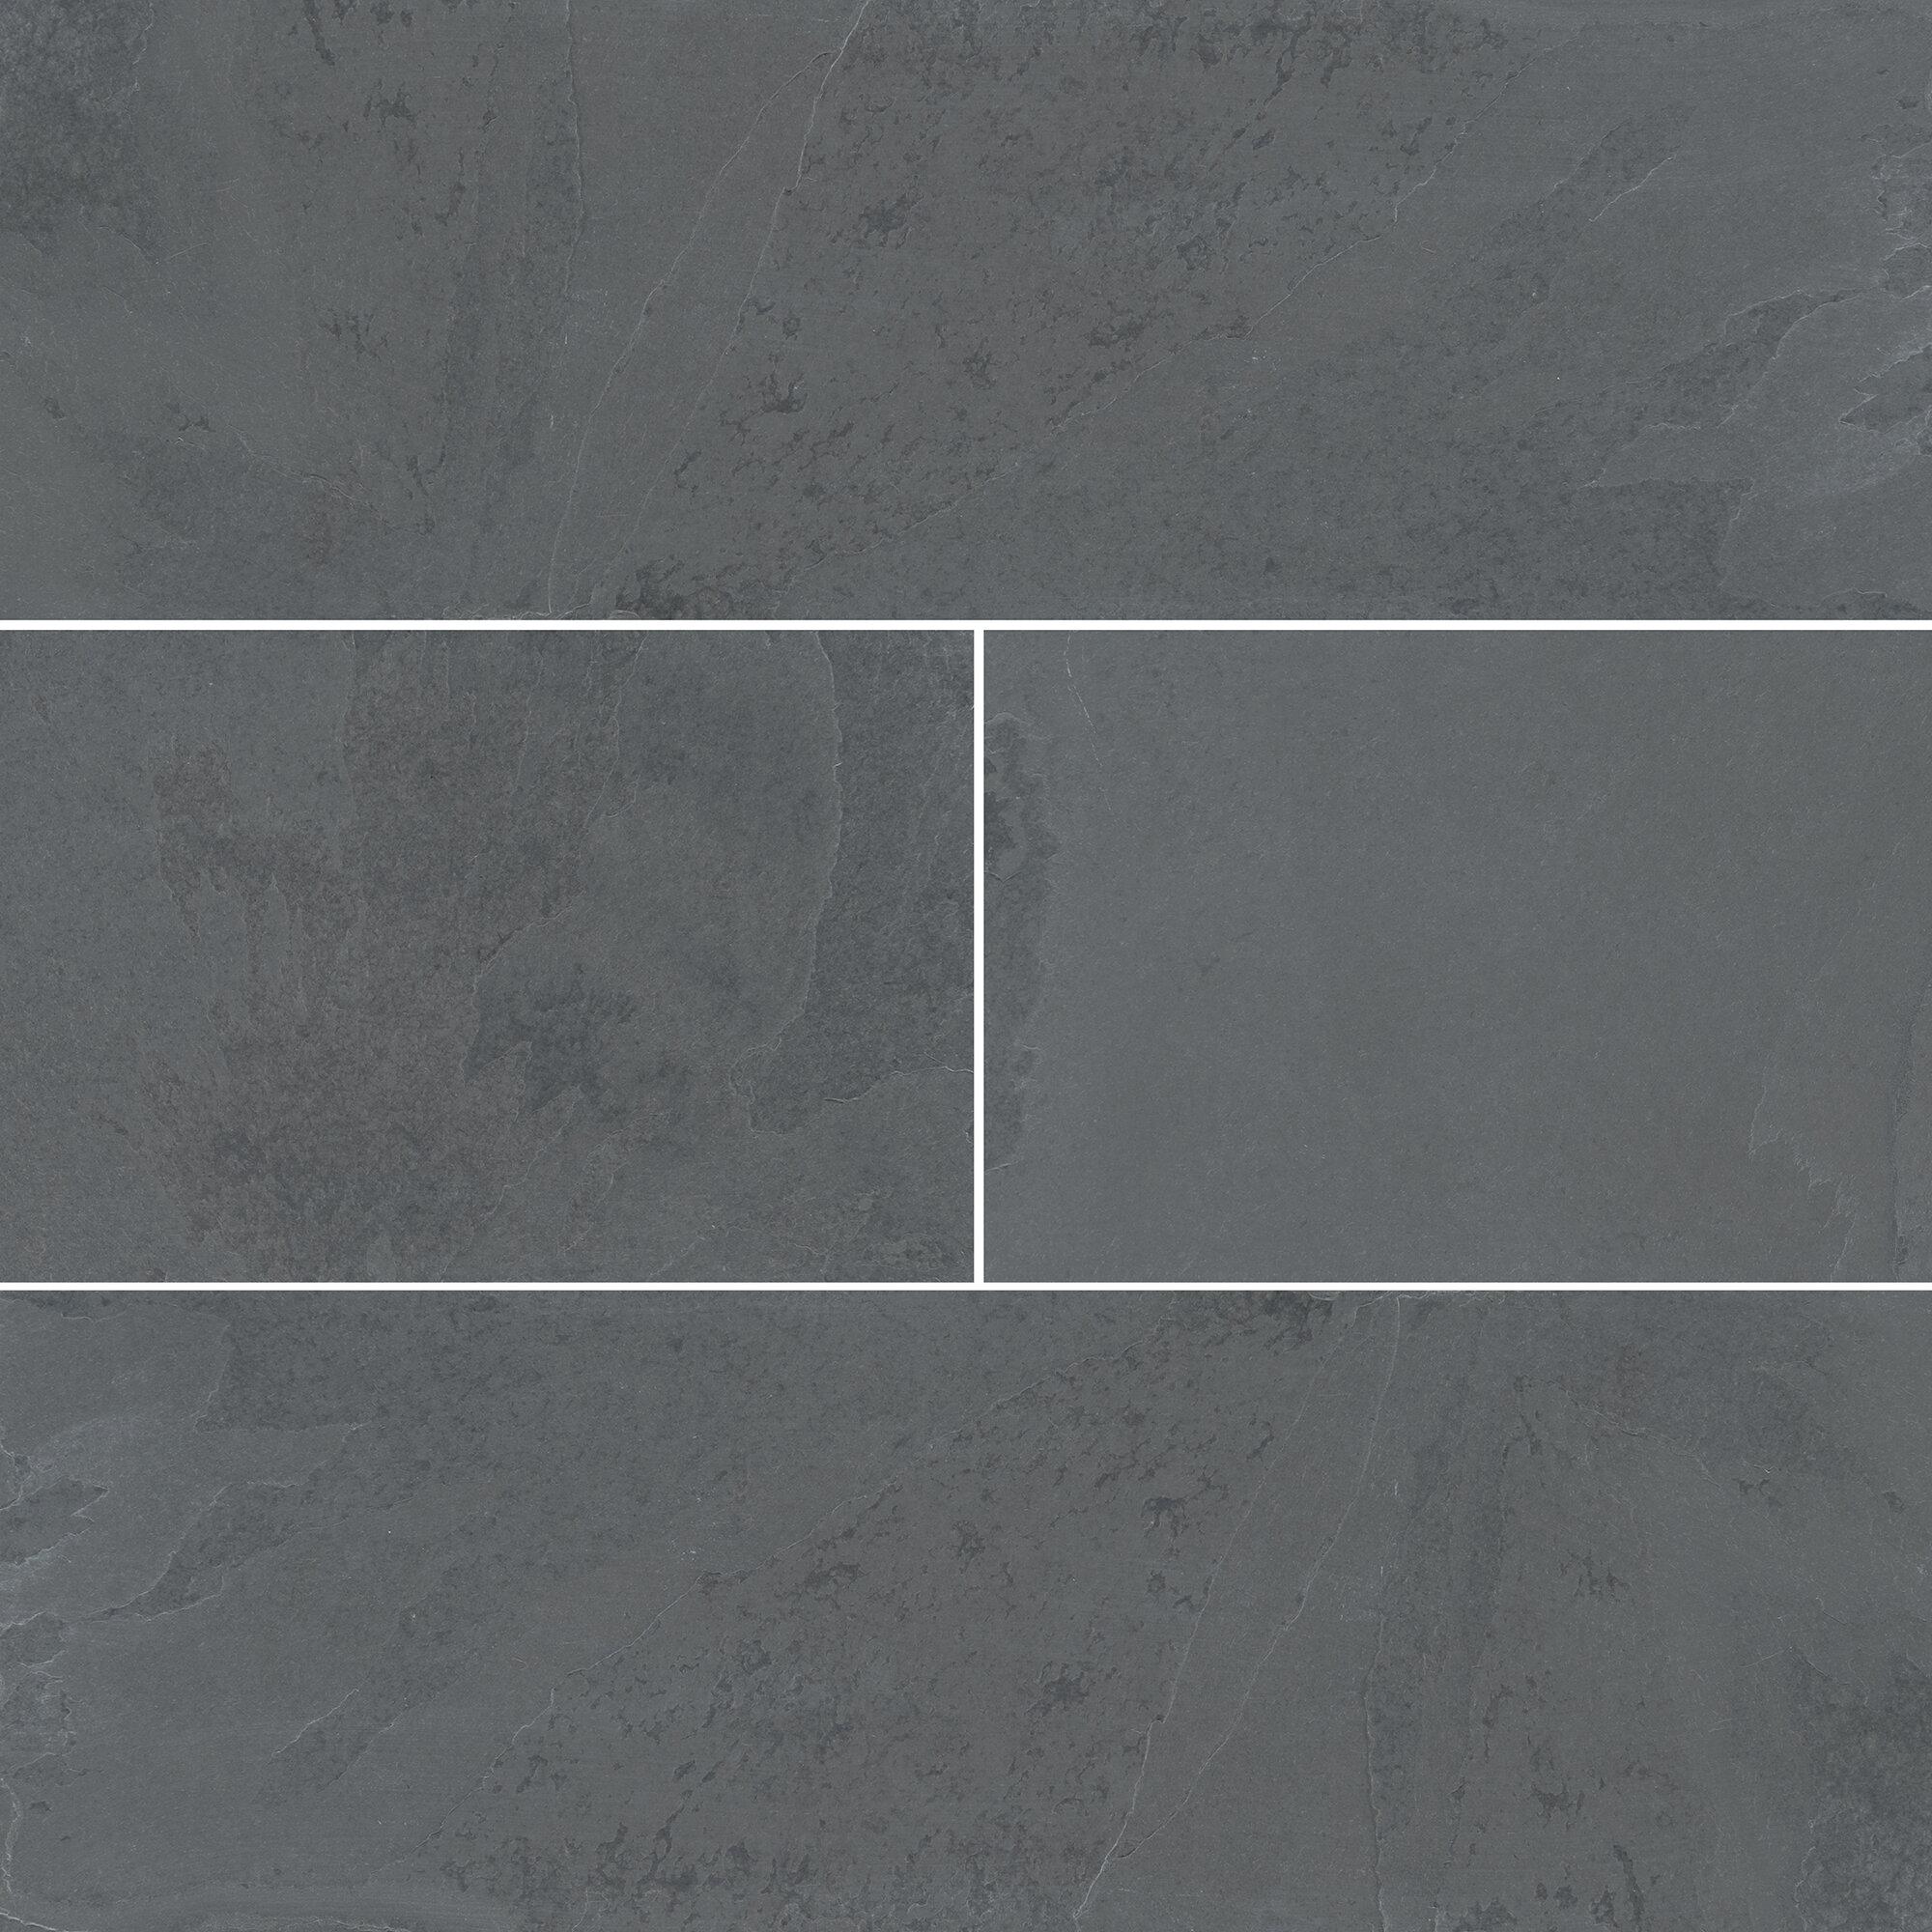 Msi Montauk 4 X 12 Slate Subway Tile In Gray Reviews Wayfair